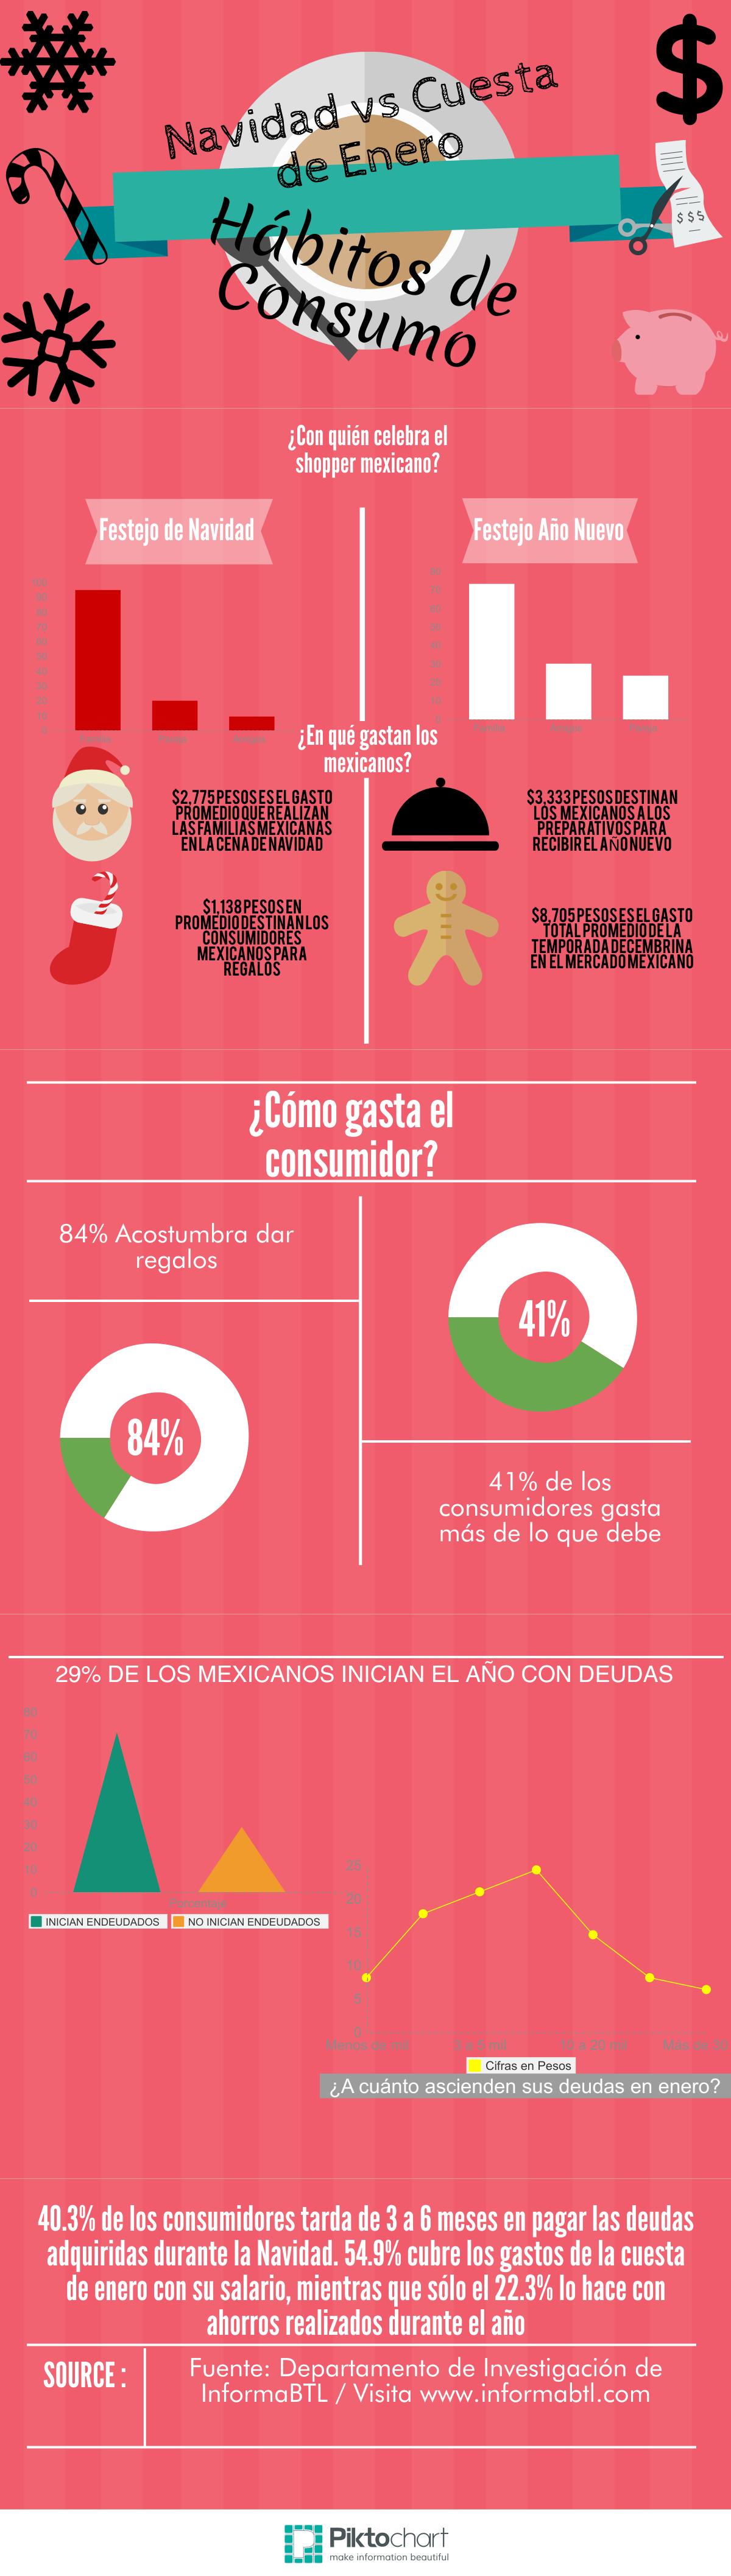 Infografía Navidad vs Cuesta de Enero Por: InformaBTL.com